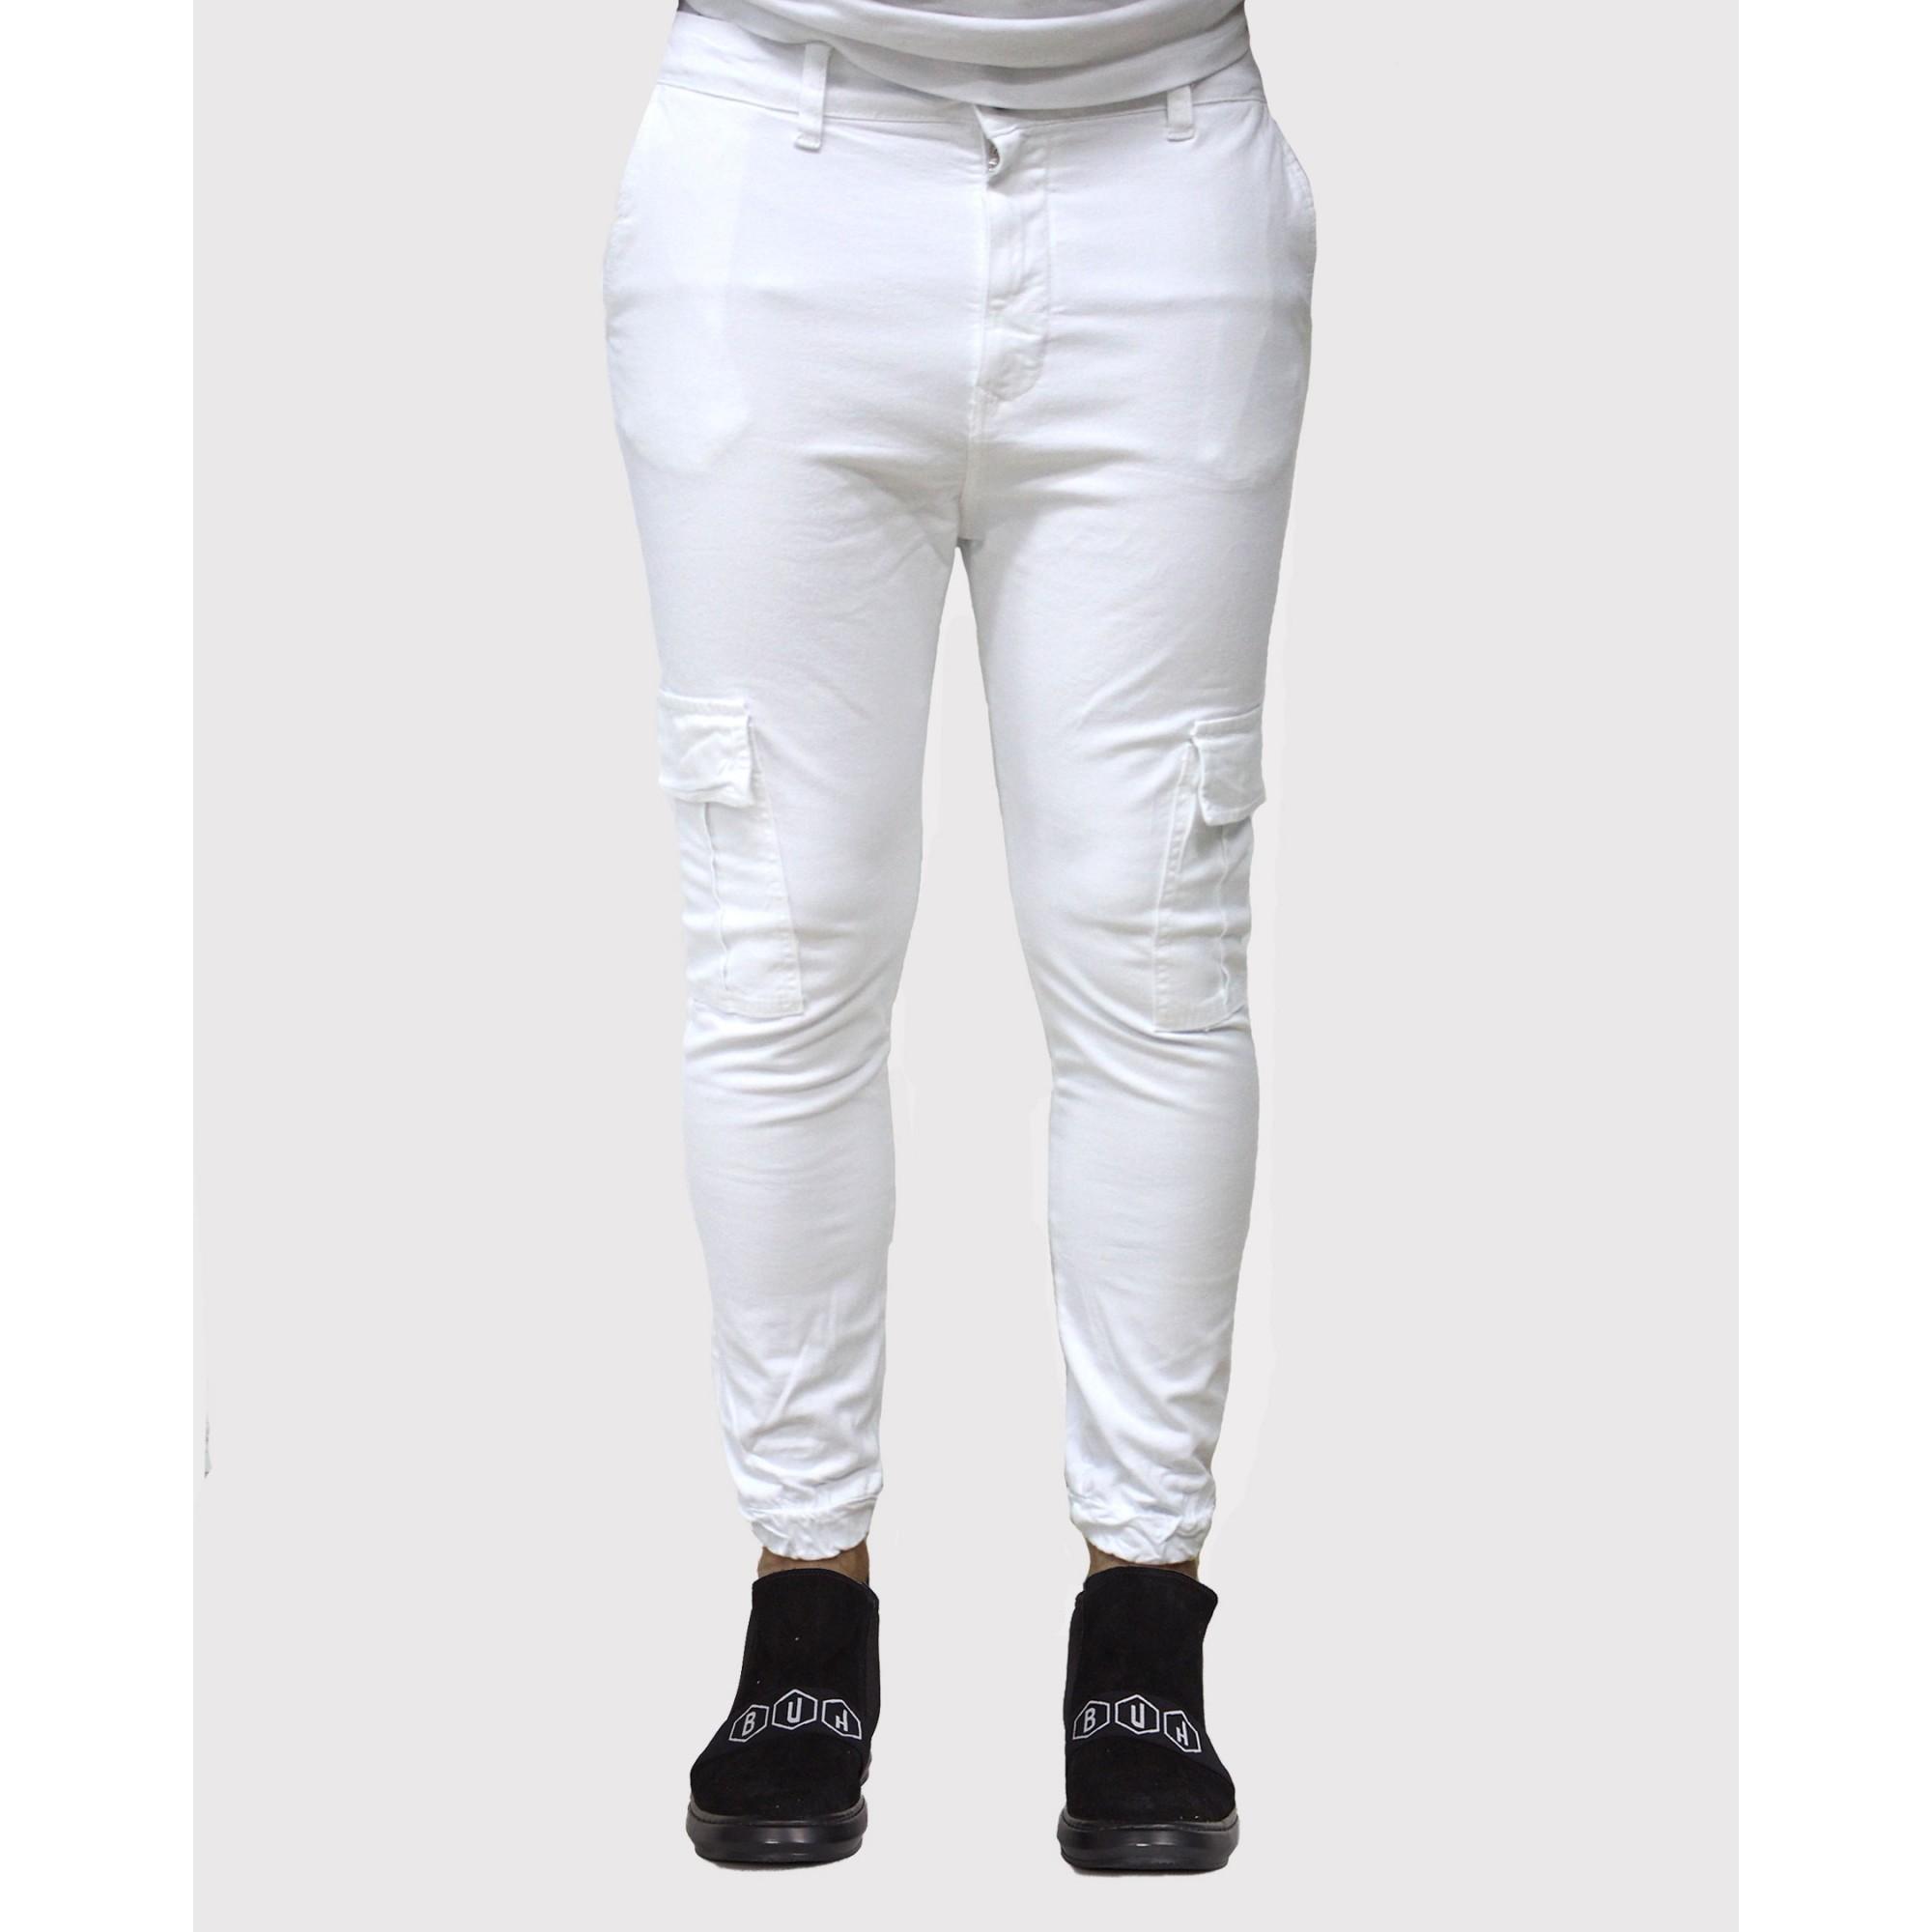 Calça Buh Jogger Cargo White